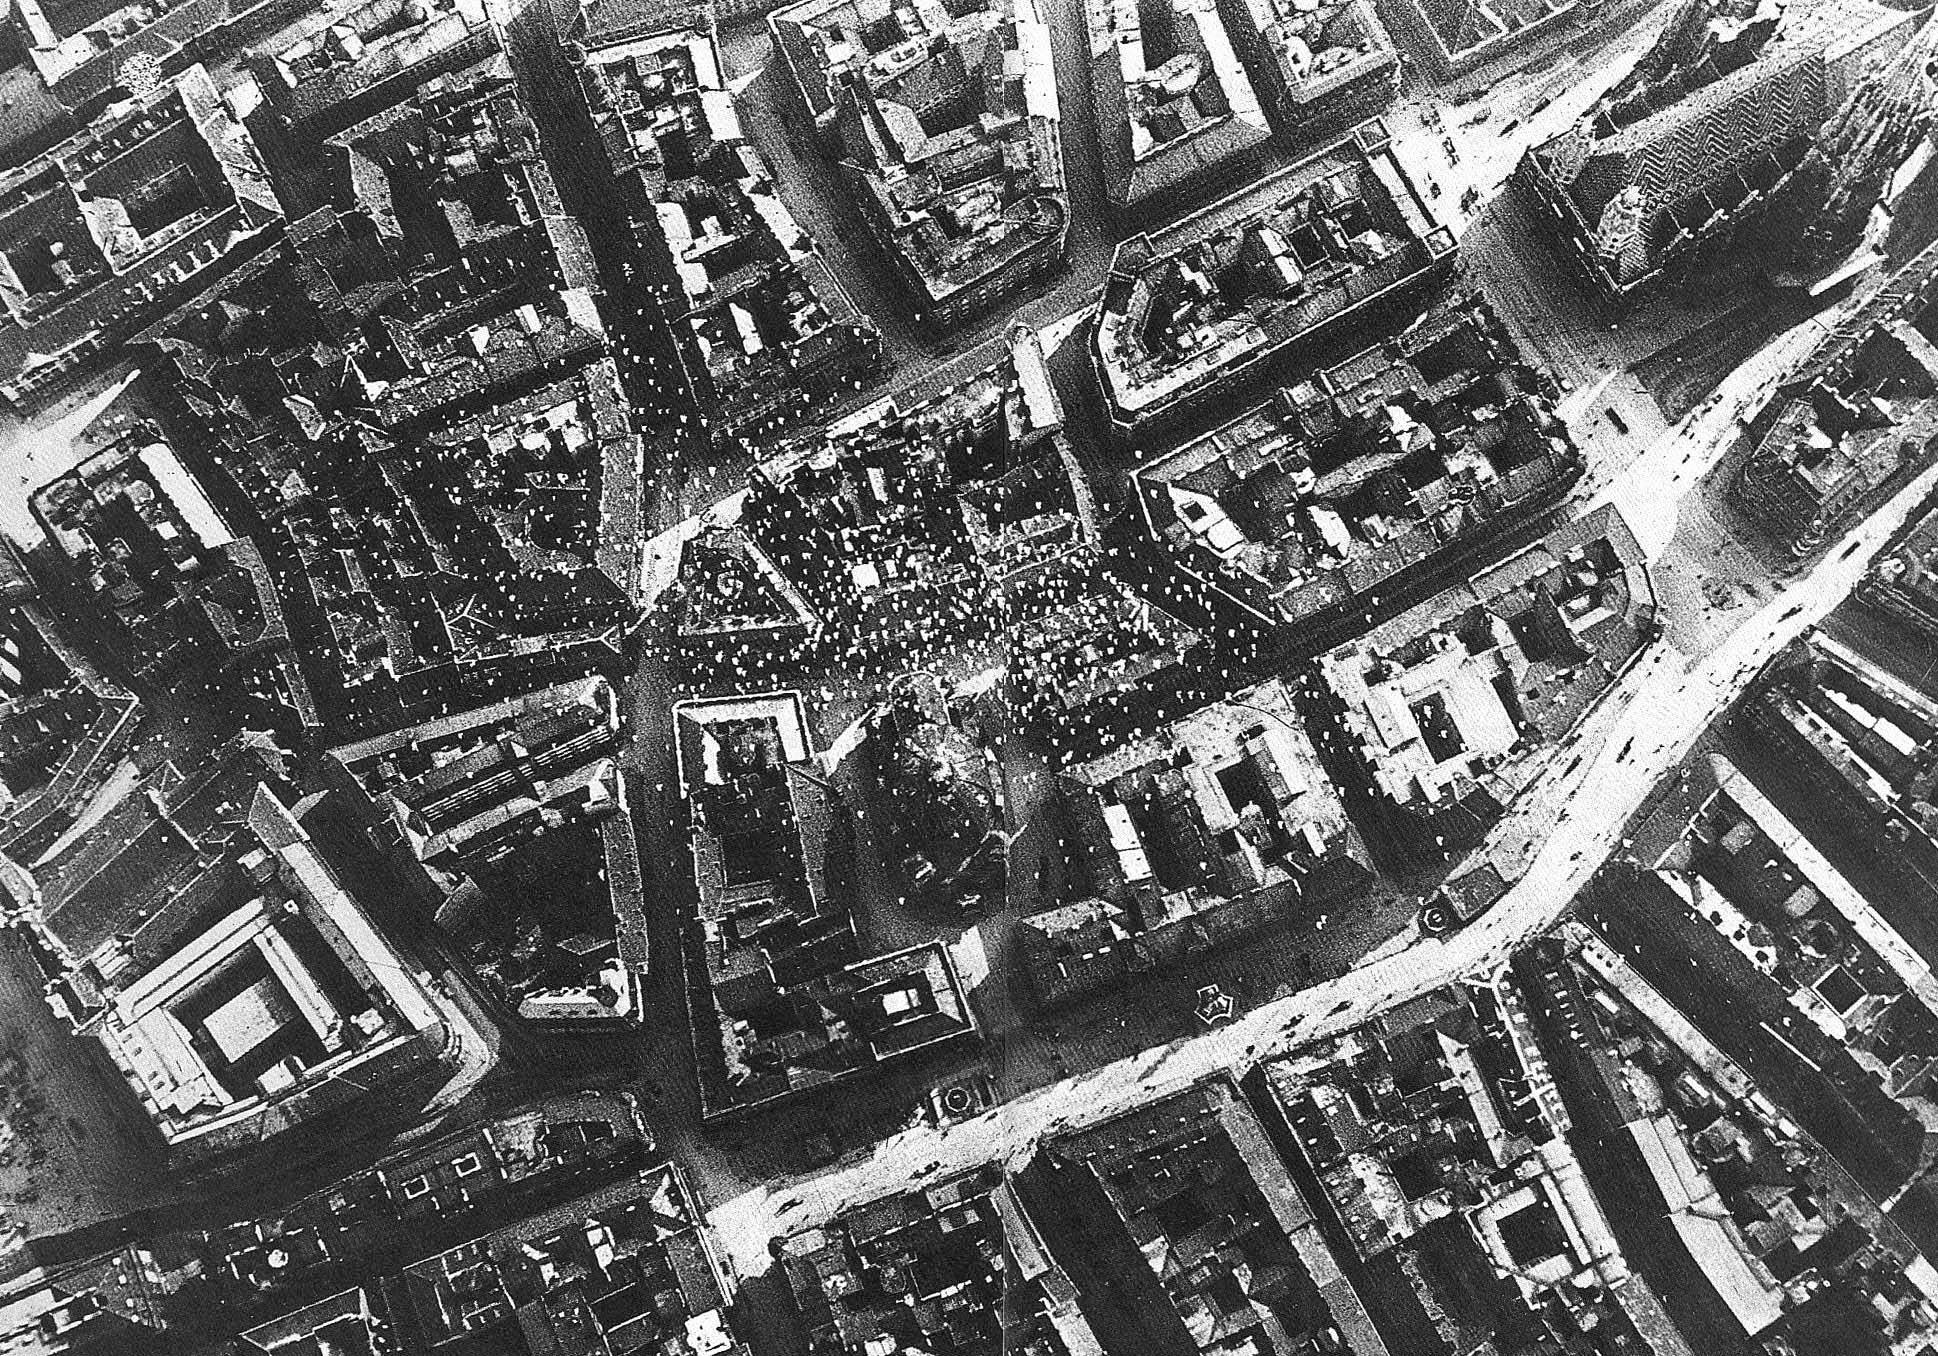 D'Annunzios Flugblätter über Wien, 19. August 1918